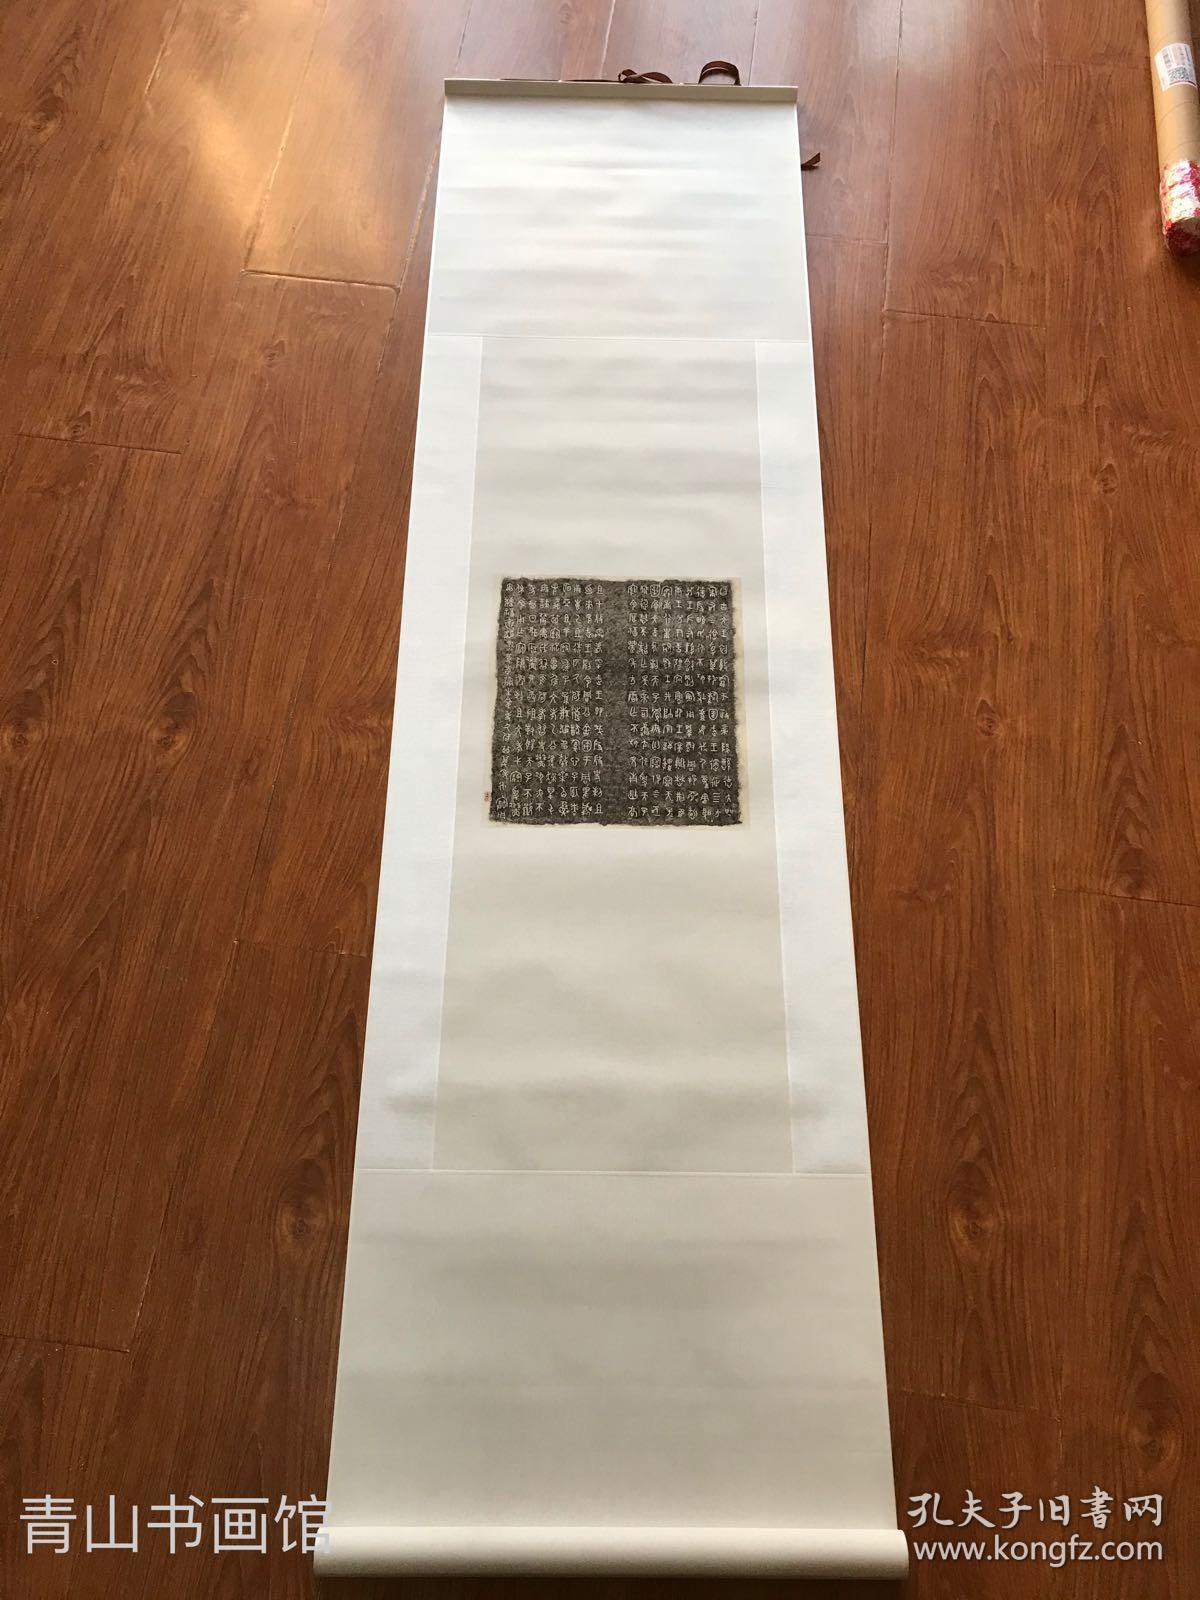 史墙盘。原刻。西周。仅铭文部分。铭文拓片尺寸30.3*33.5厘米。画心尺寸33*98厘米,留白充足可题跋。宣纸艺术微喷复制。丝绸覆背,正面素绫精裱。装裱完尺寸47*175厘米左右。庄重大气。